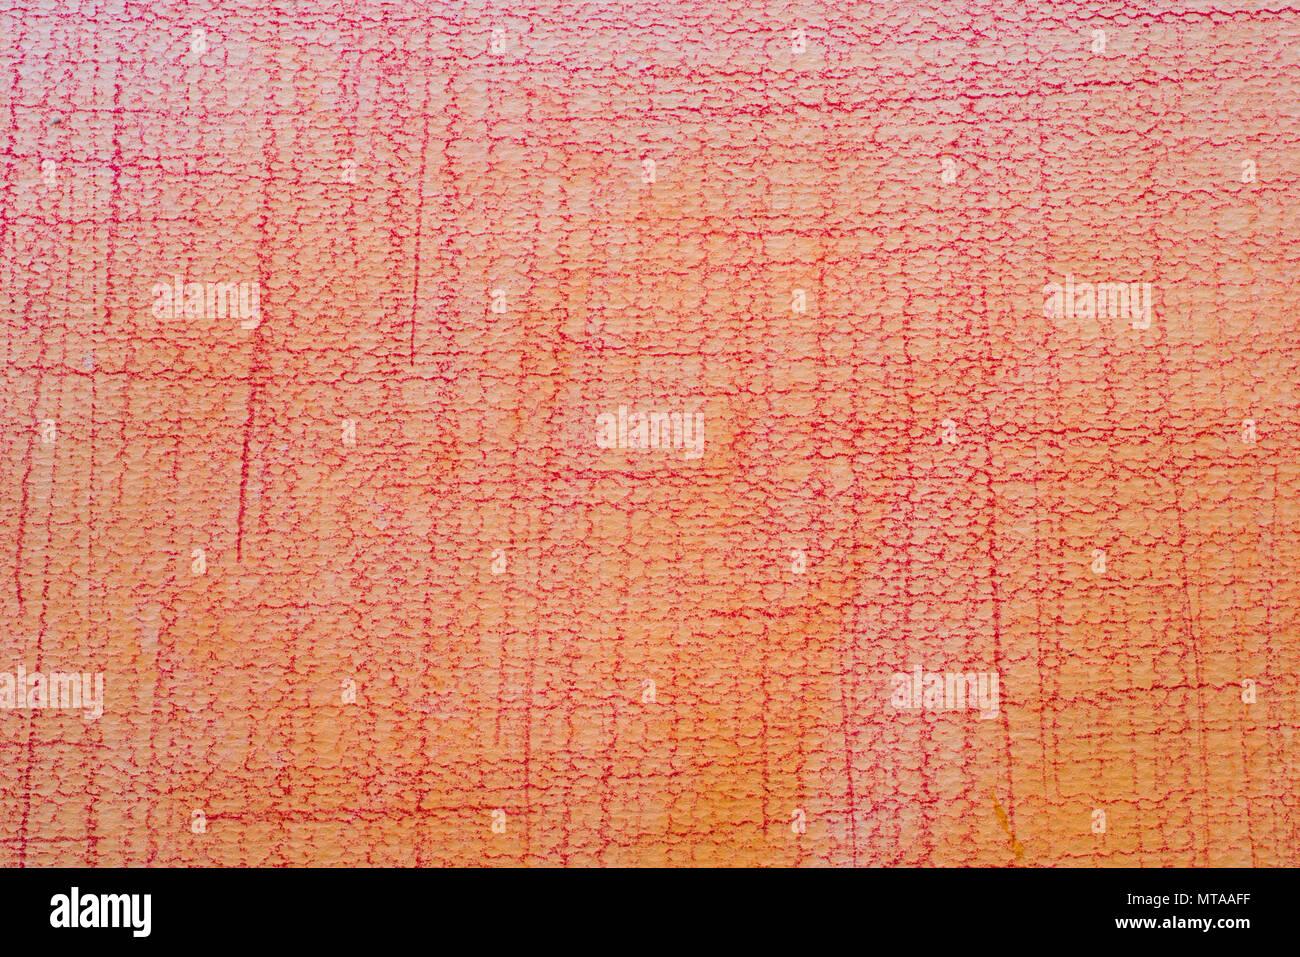 Colore arancio pastello scarabocchi su disegno dipinto wtecolor texture di  sfondo 4907b8e1490